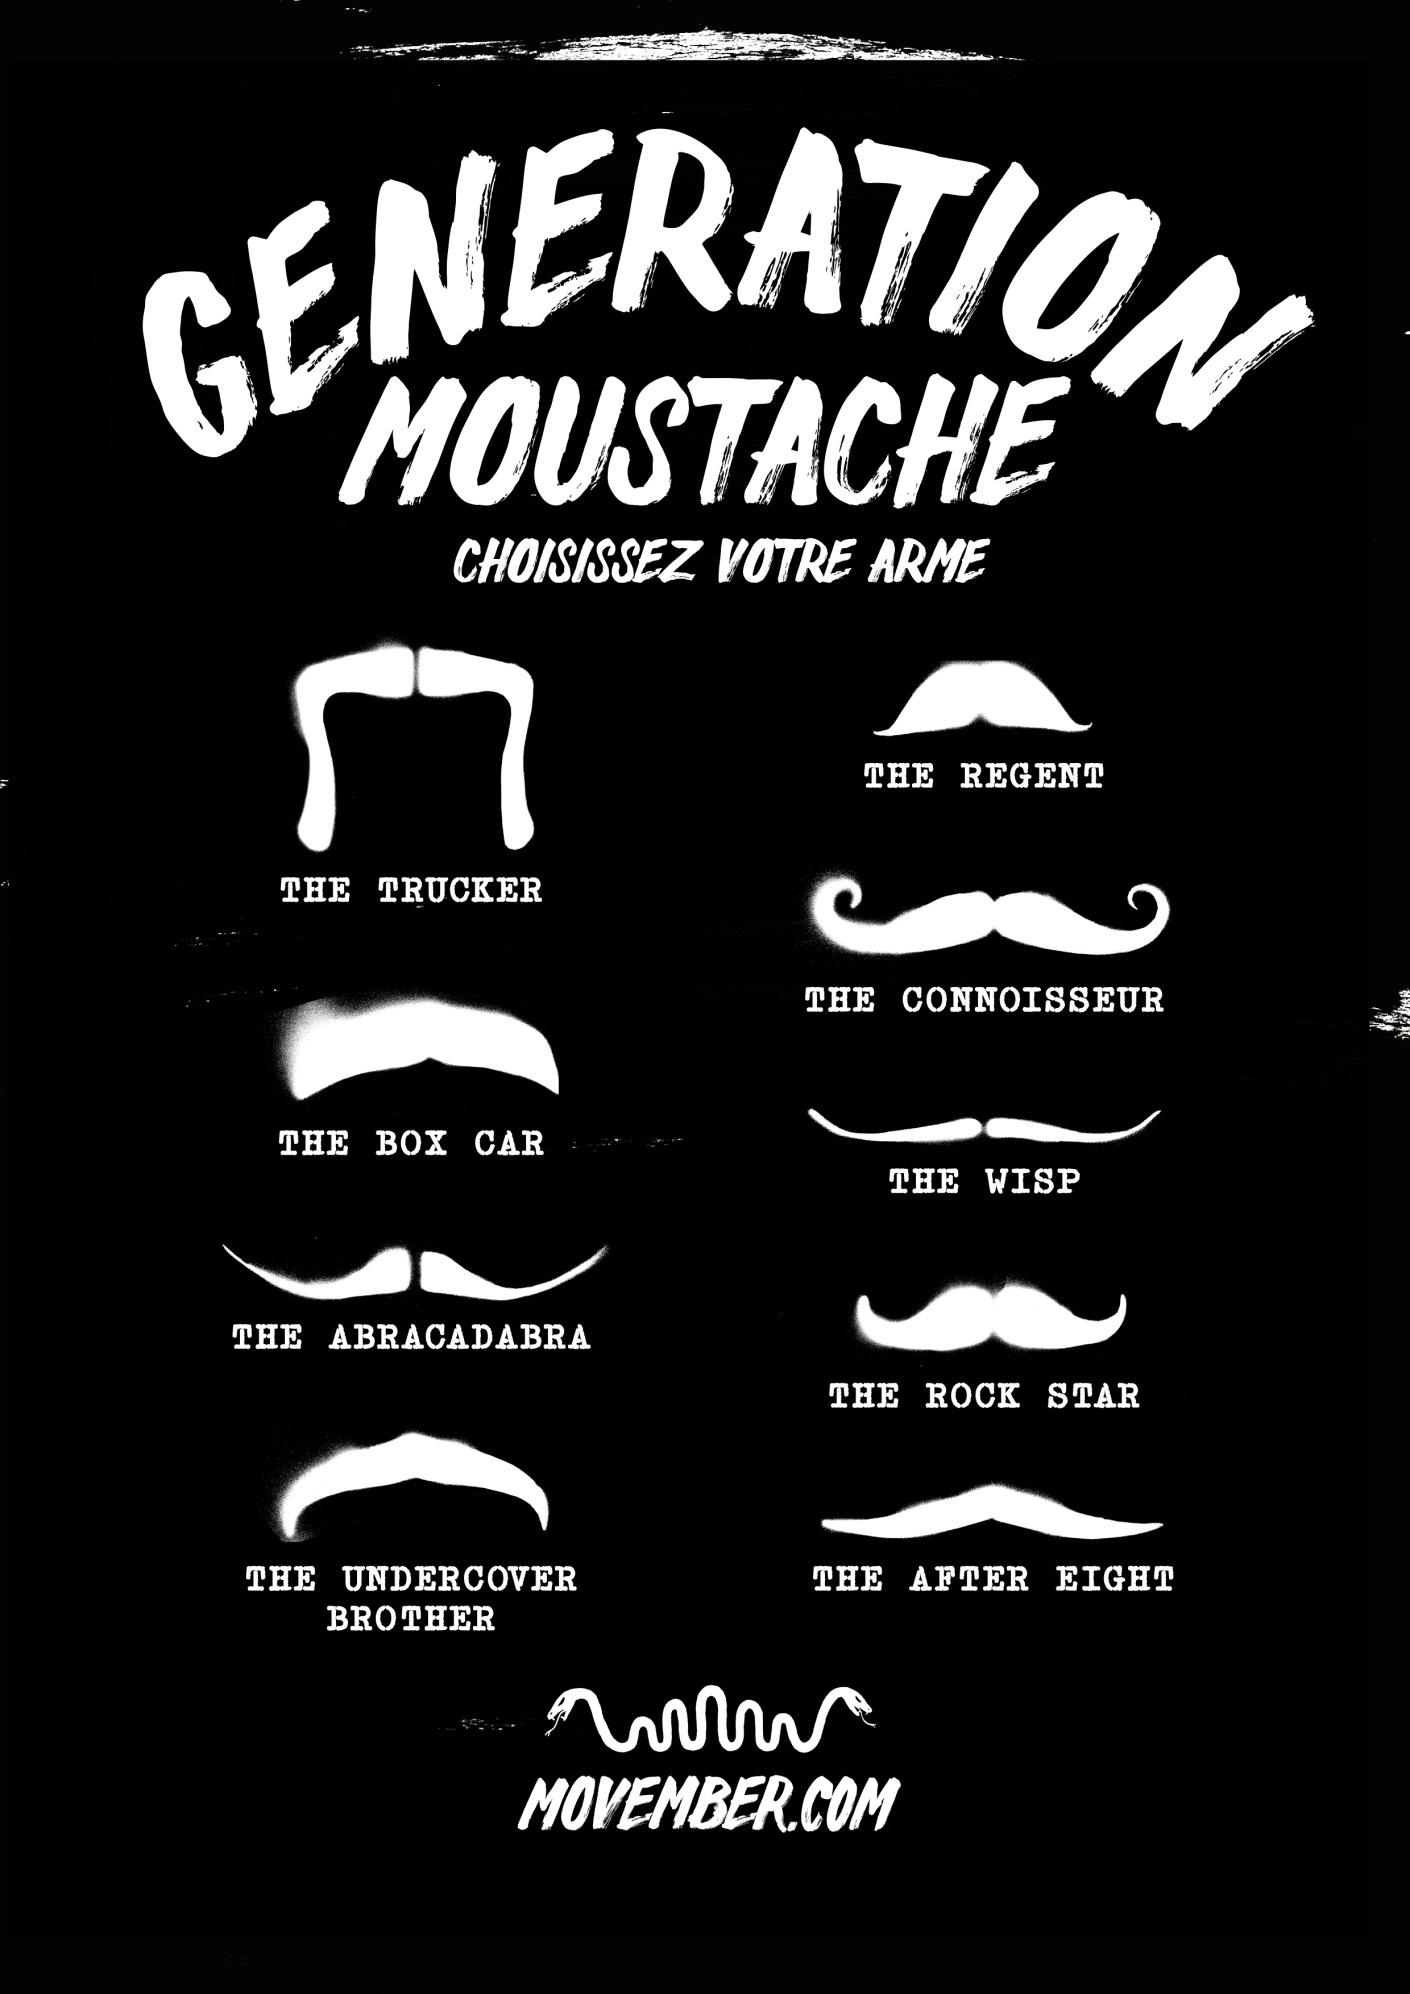 Movember, quand la Moustache de Grupo Pefaco s'en mêle - Novembre 2013